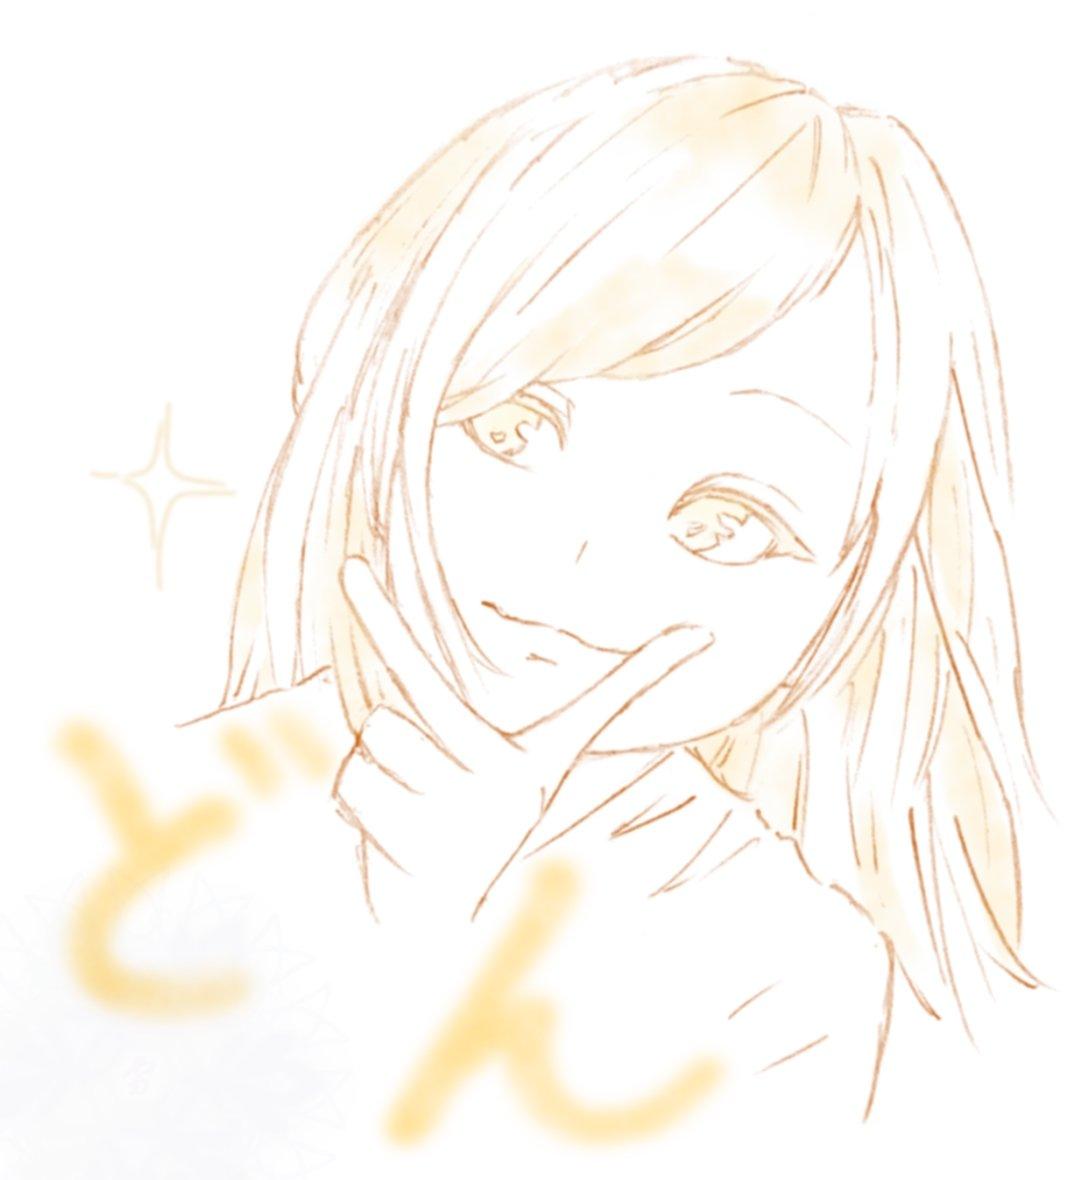 久々に寝る前の落書きを1枚 拙い絵ですが、いくちゃんです #生田絵梨花 #乃木坂46